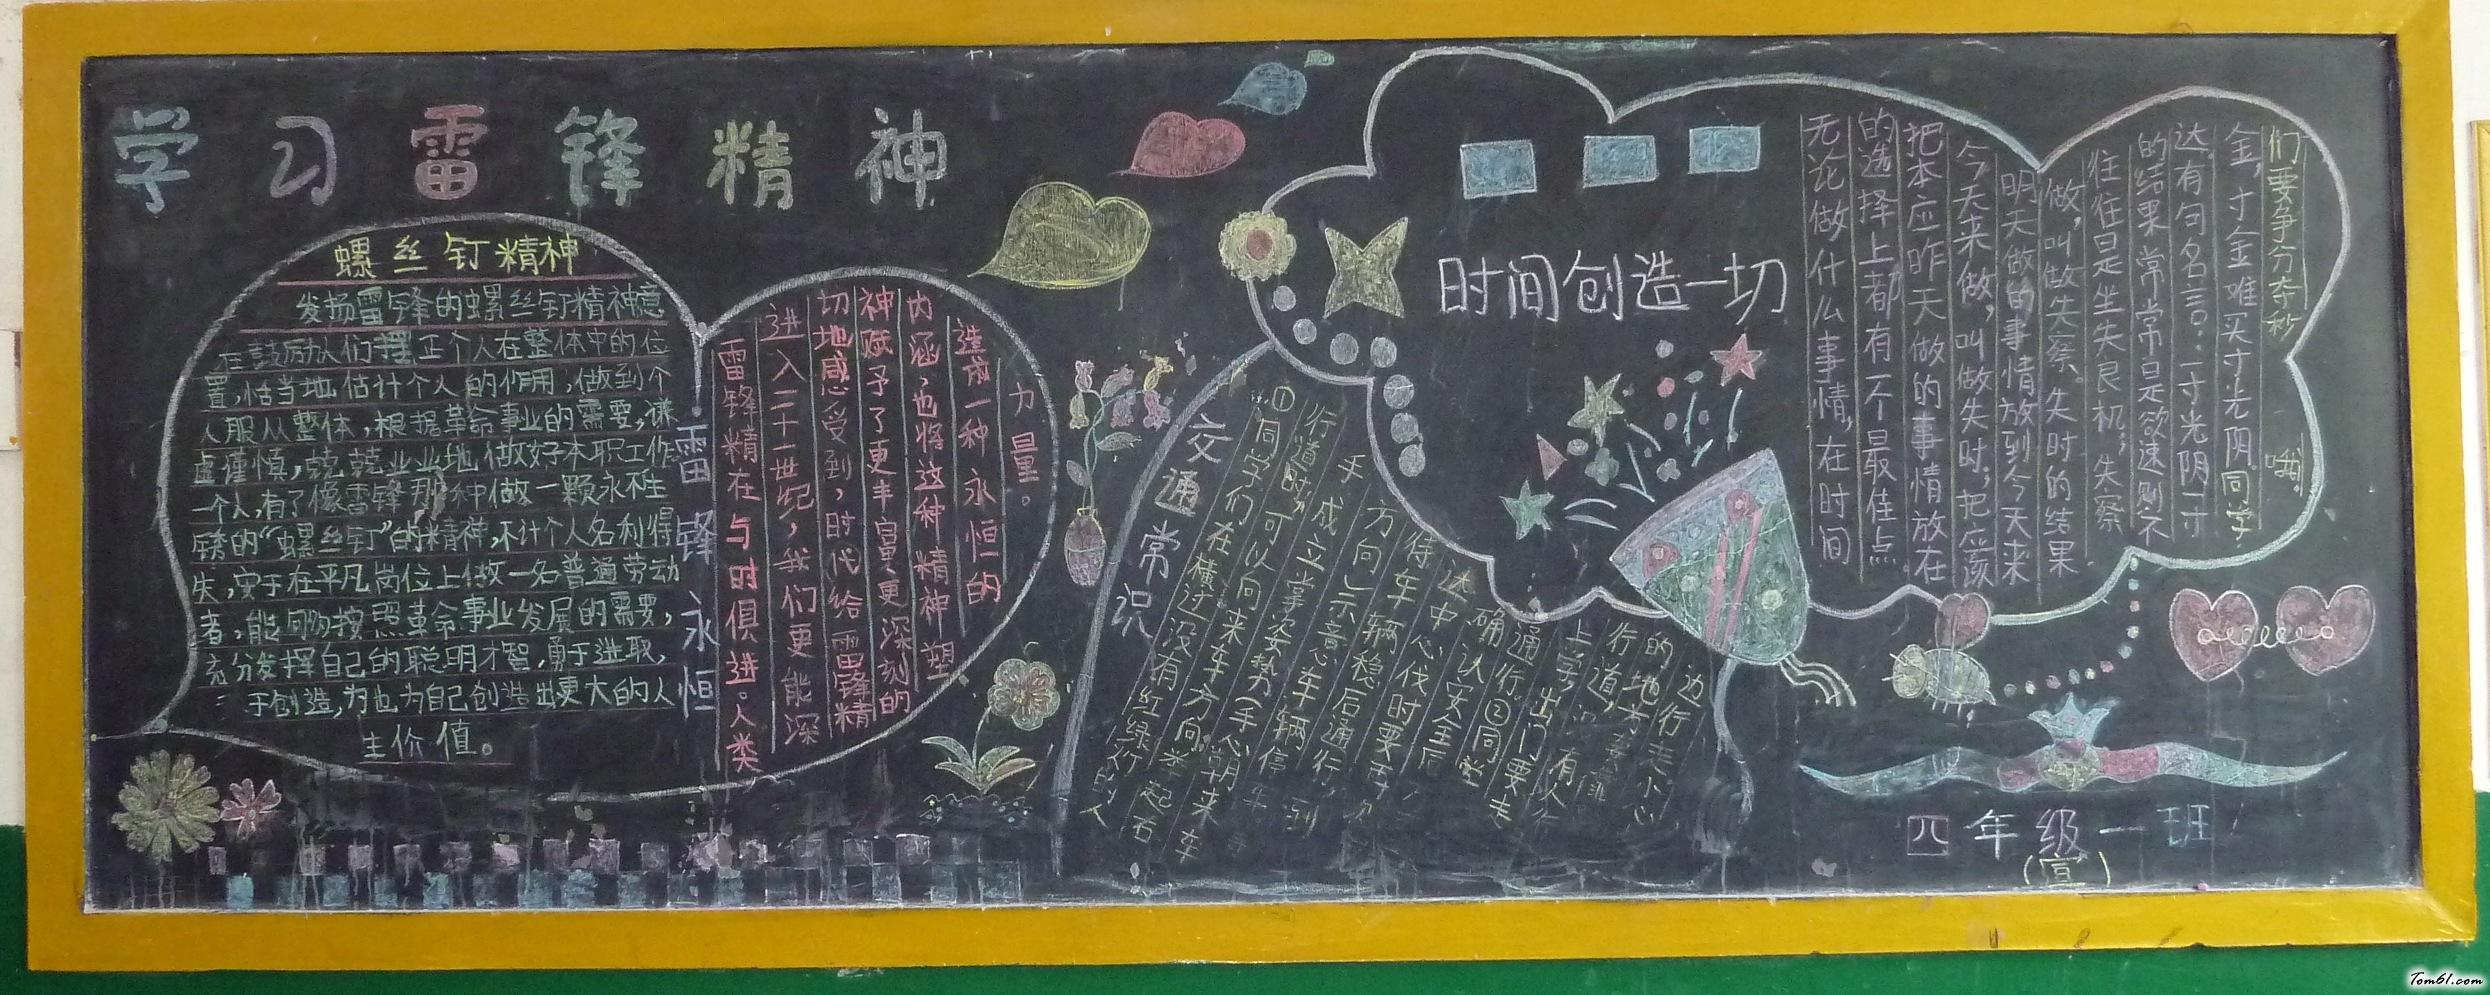 中国地图电子图_雷锋黑板报版面设计图4_黑板报大全_手工制作大全_中国儿童资源网